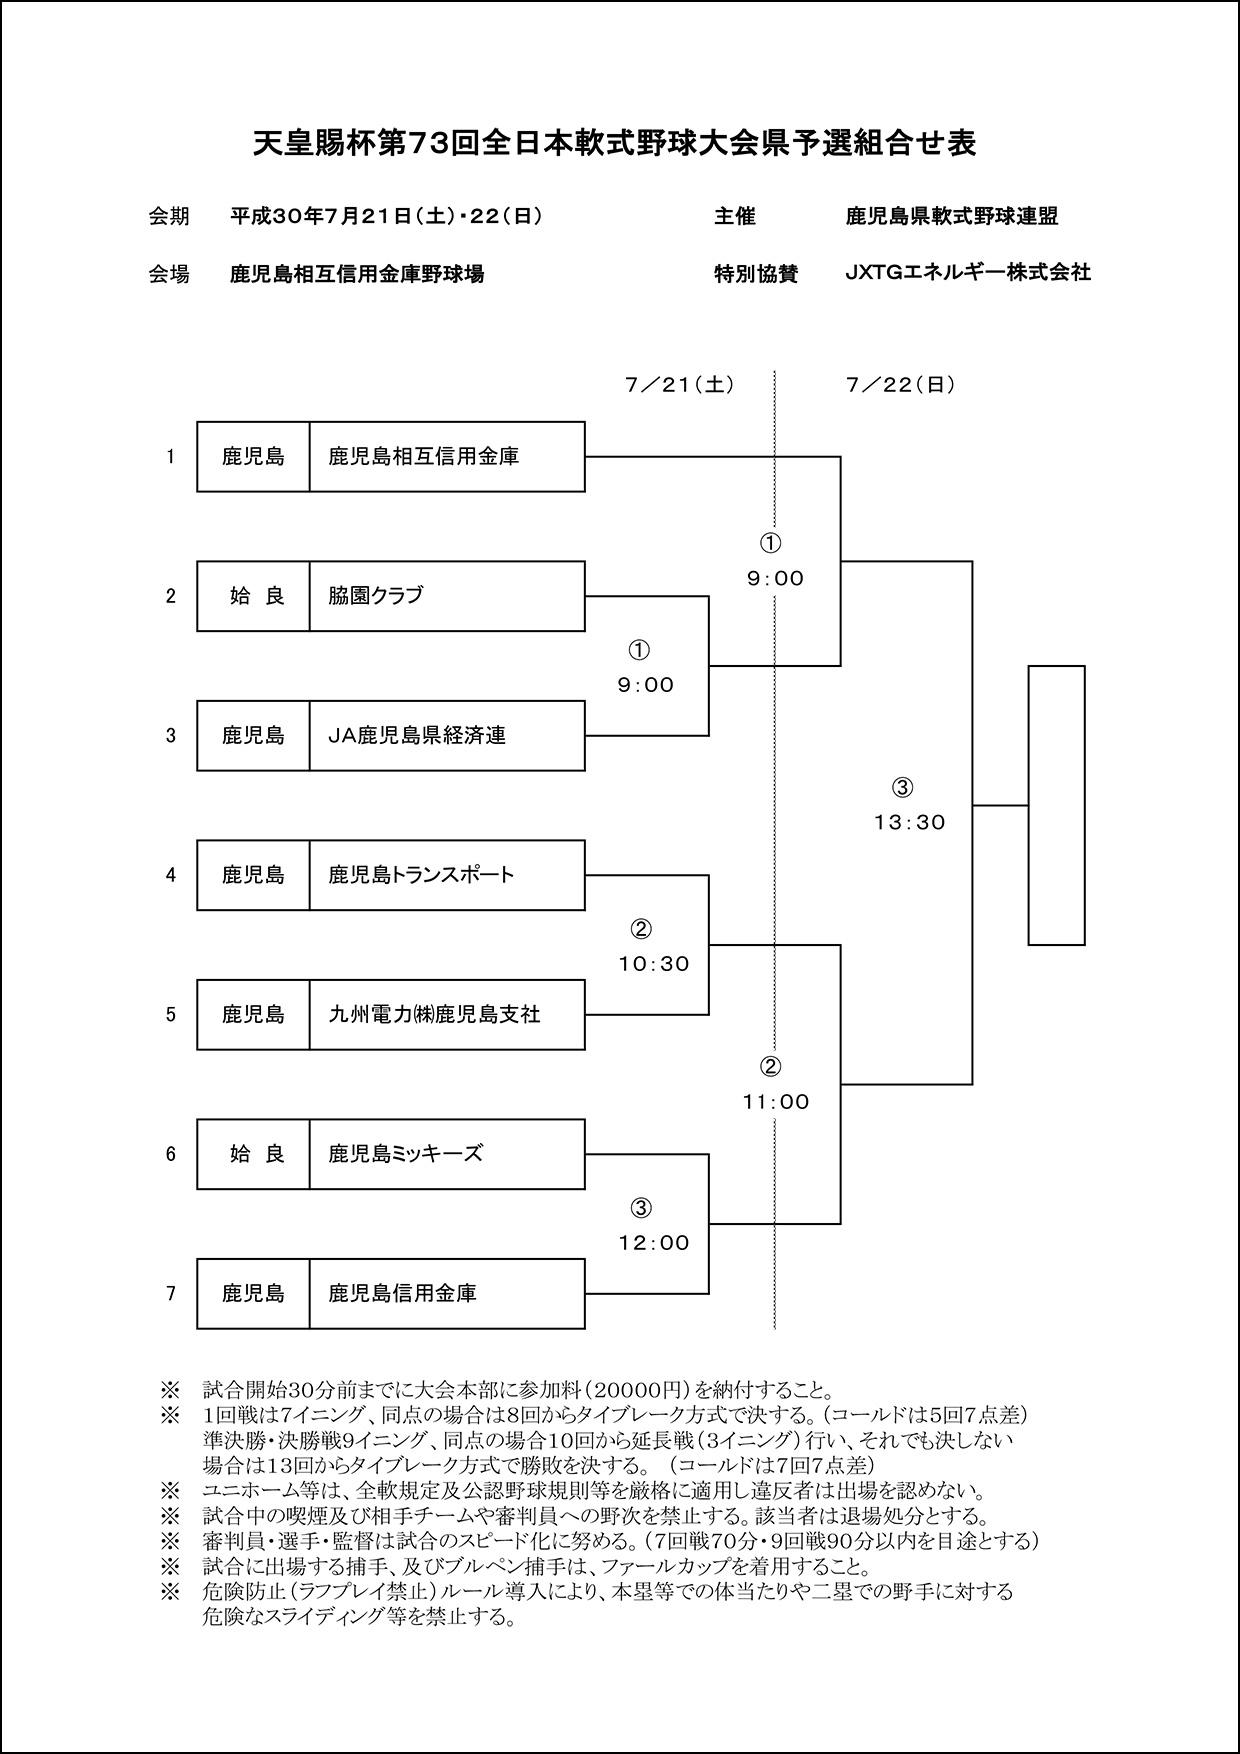 【組合せ】天皇賜杯第73回全日本軟式野球大会県予選